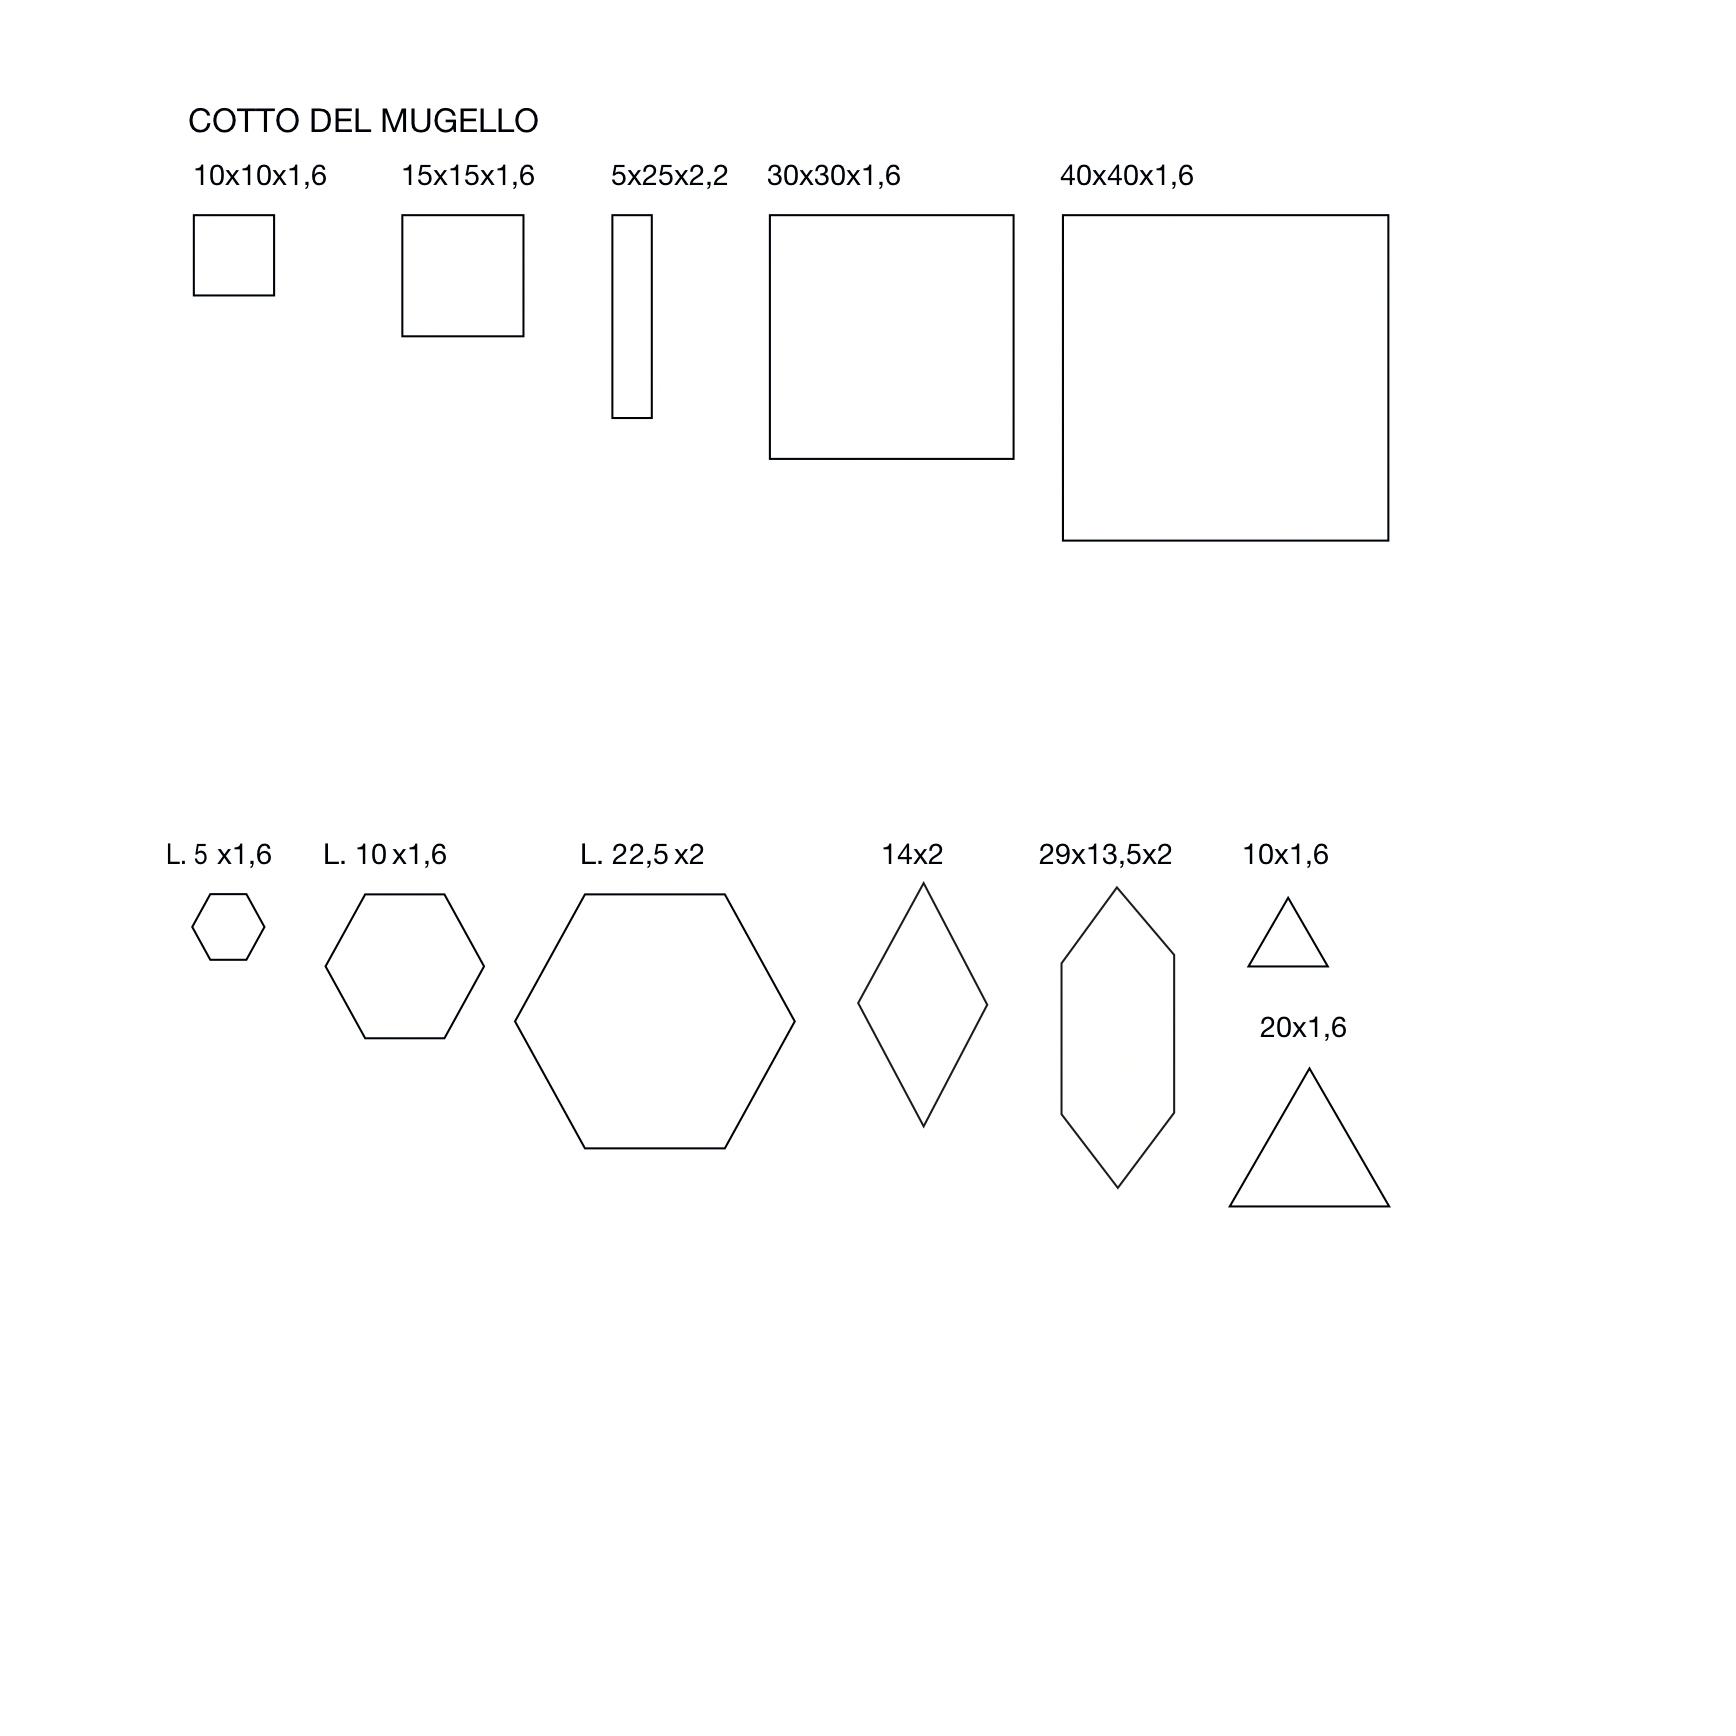 Square Cotto Tiles Decorations Mix - Decorations are:  G43 Non ti scordar di me, G42 Ombre floreali, E61 Stella Alpina,  E63 Lunaria, E62 Fiore, G44 Mughetto su Quadrato   | Matter of Stuff